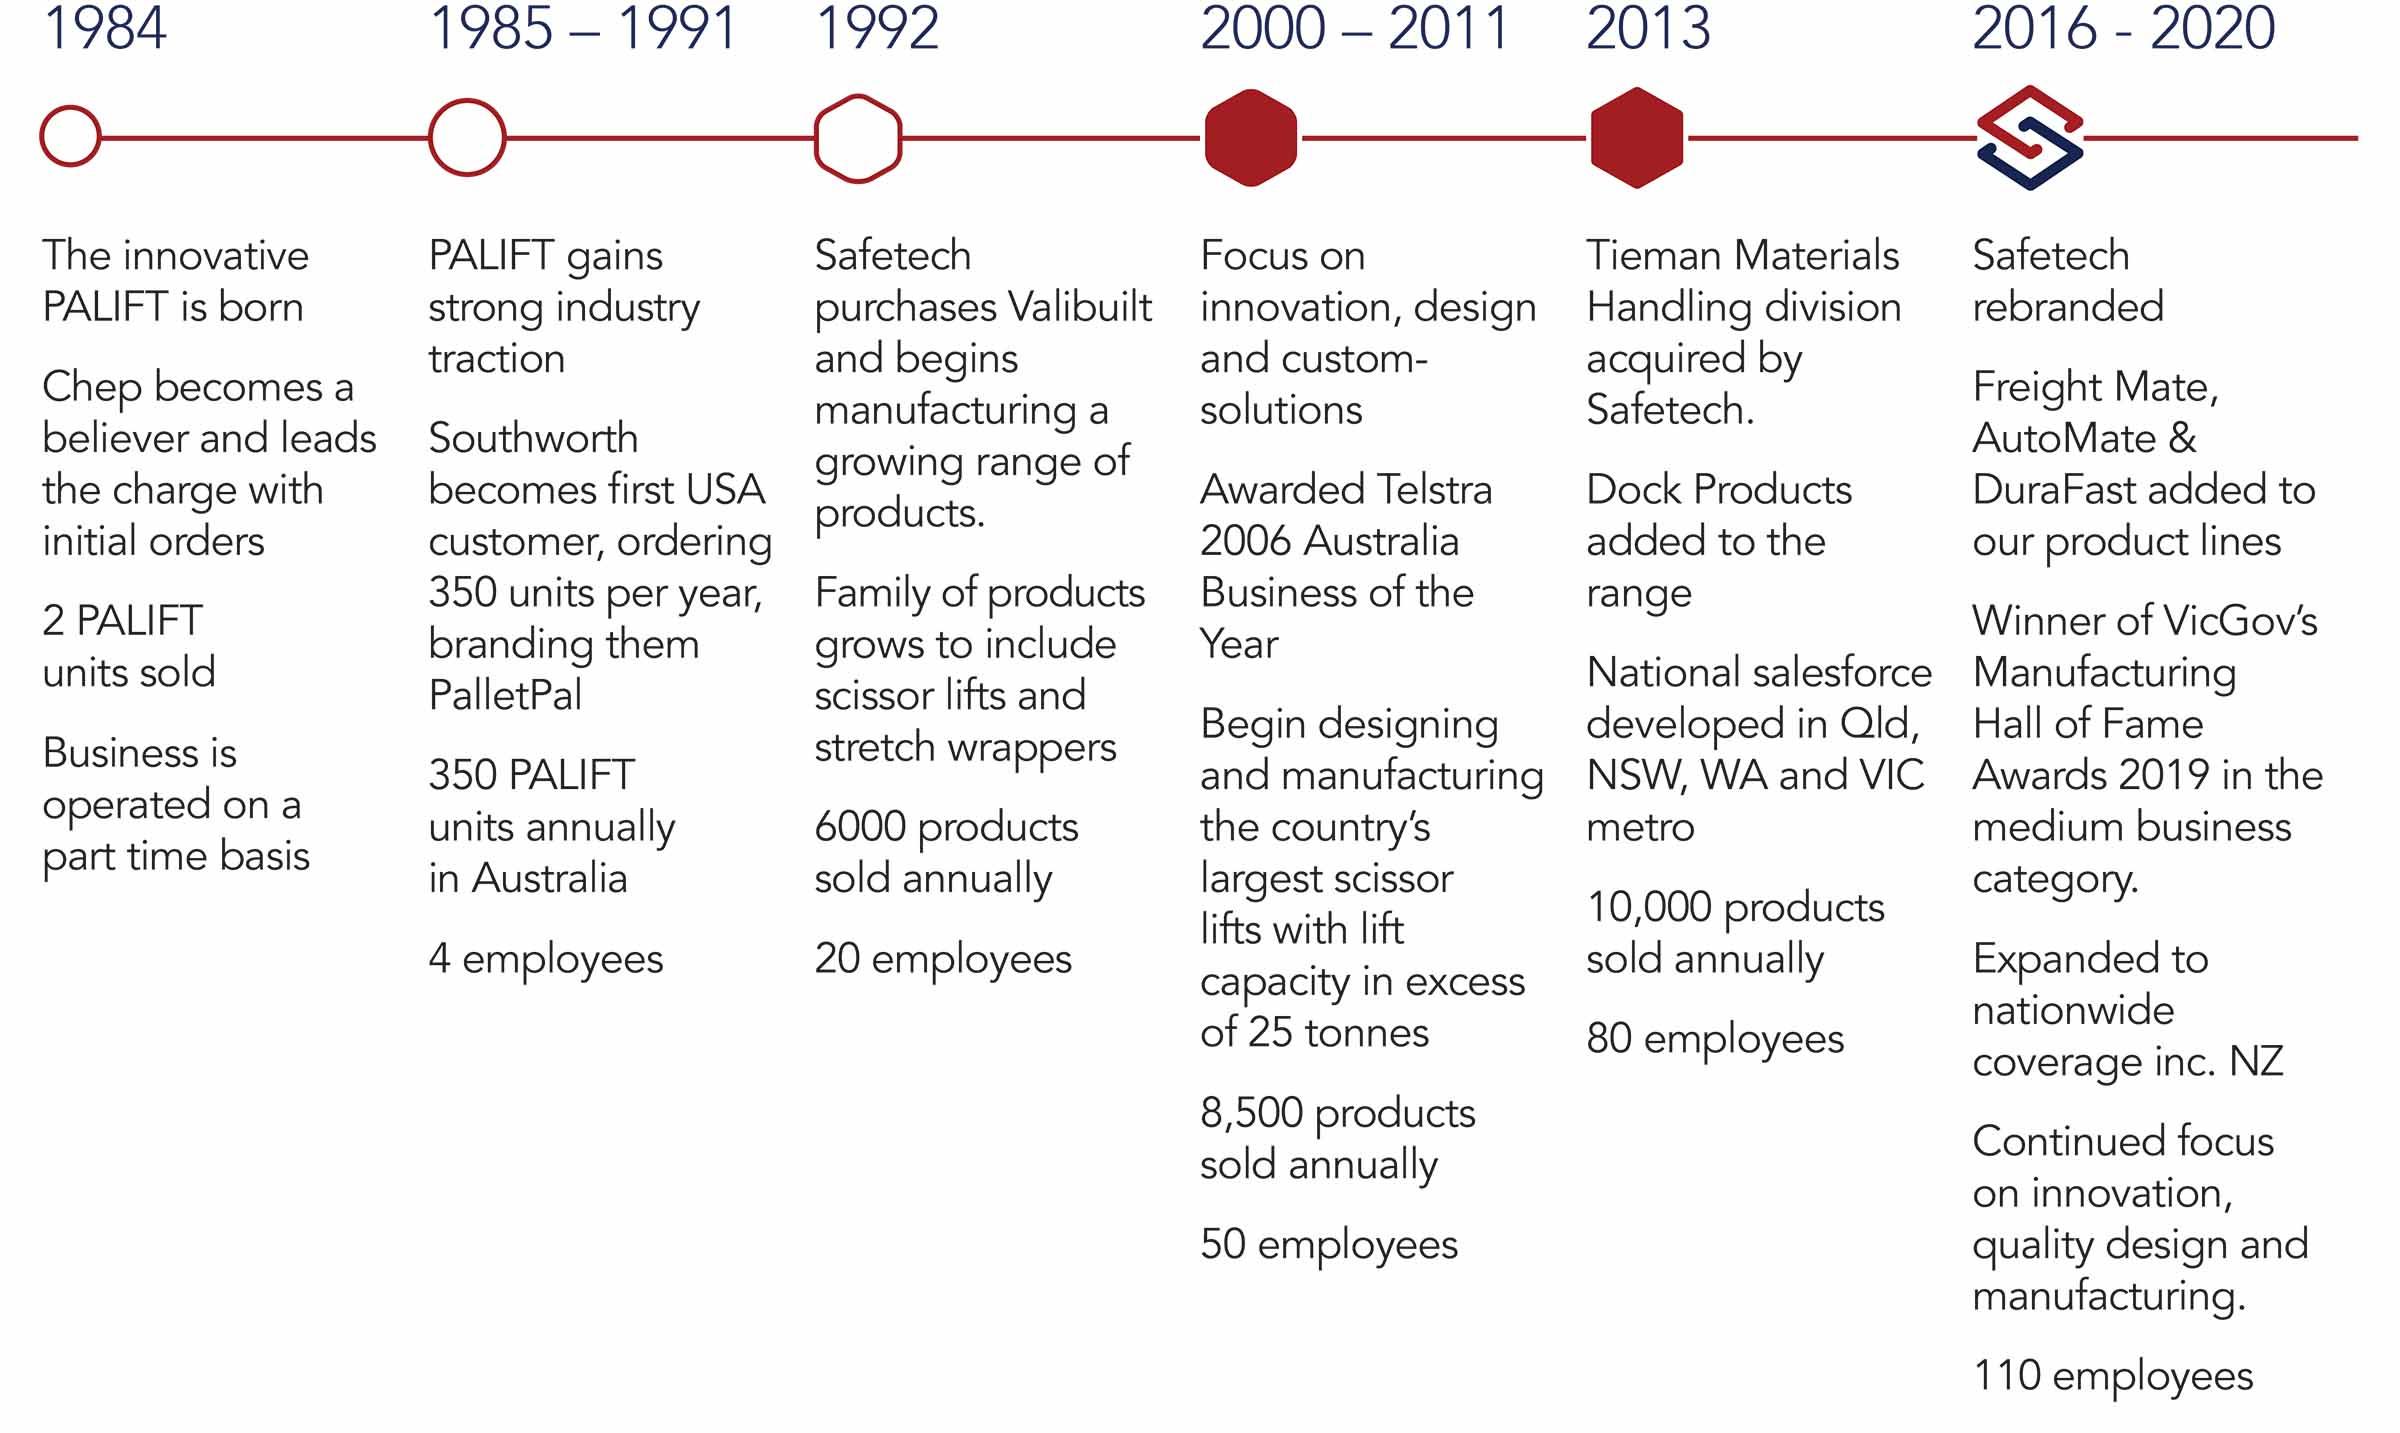 Safetech-CorporateBrochure-2020.indd